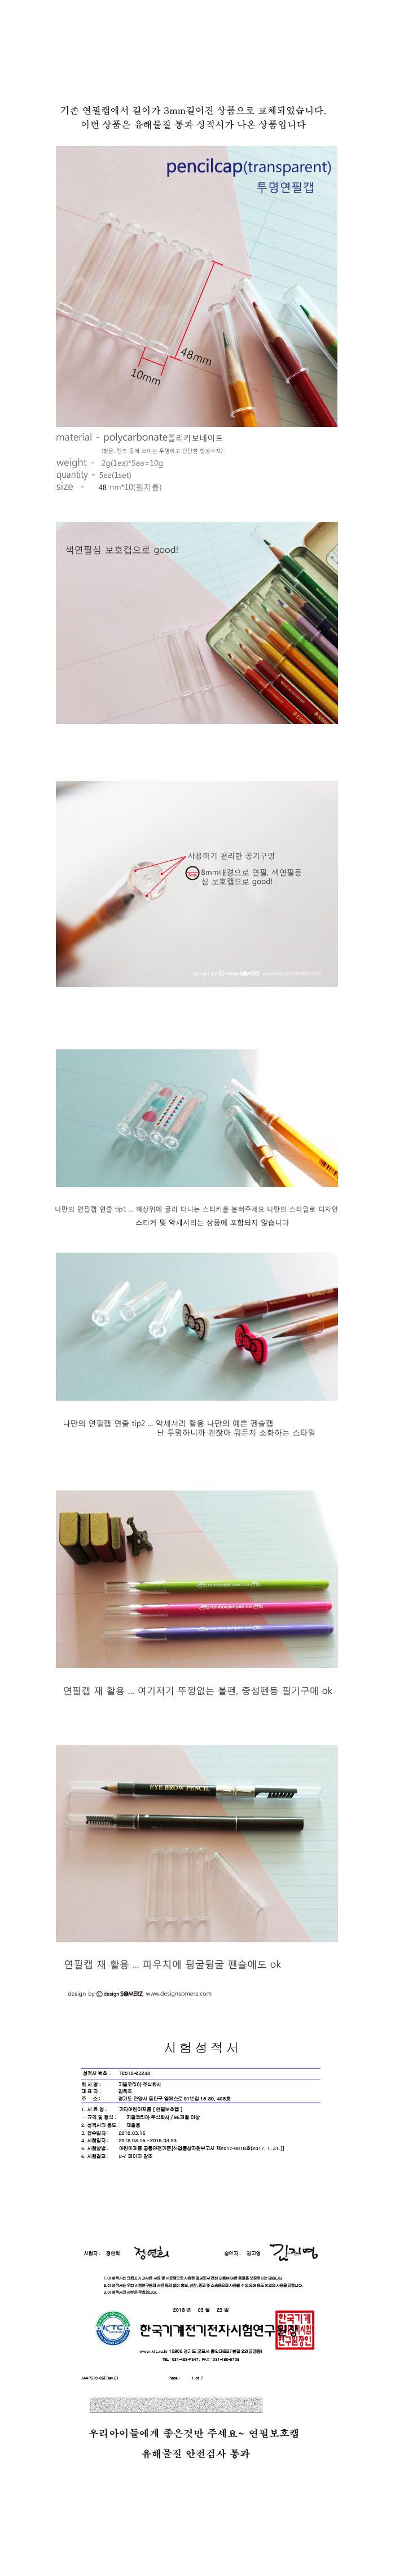 투명연필캡 - 디자인소머즈, 1,500원, 필기구 소품, 연필캡